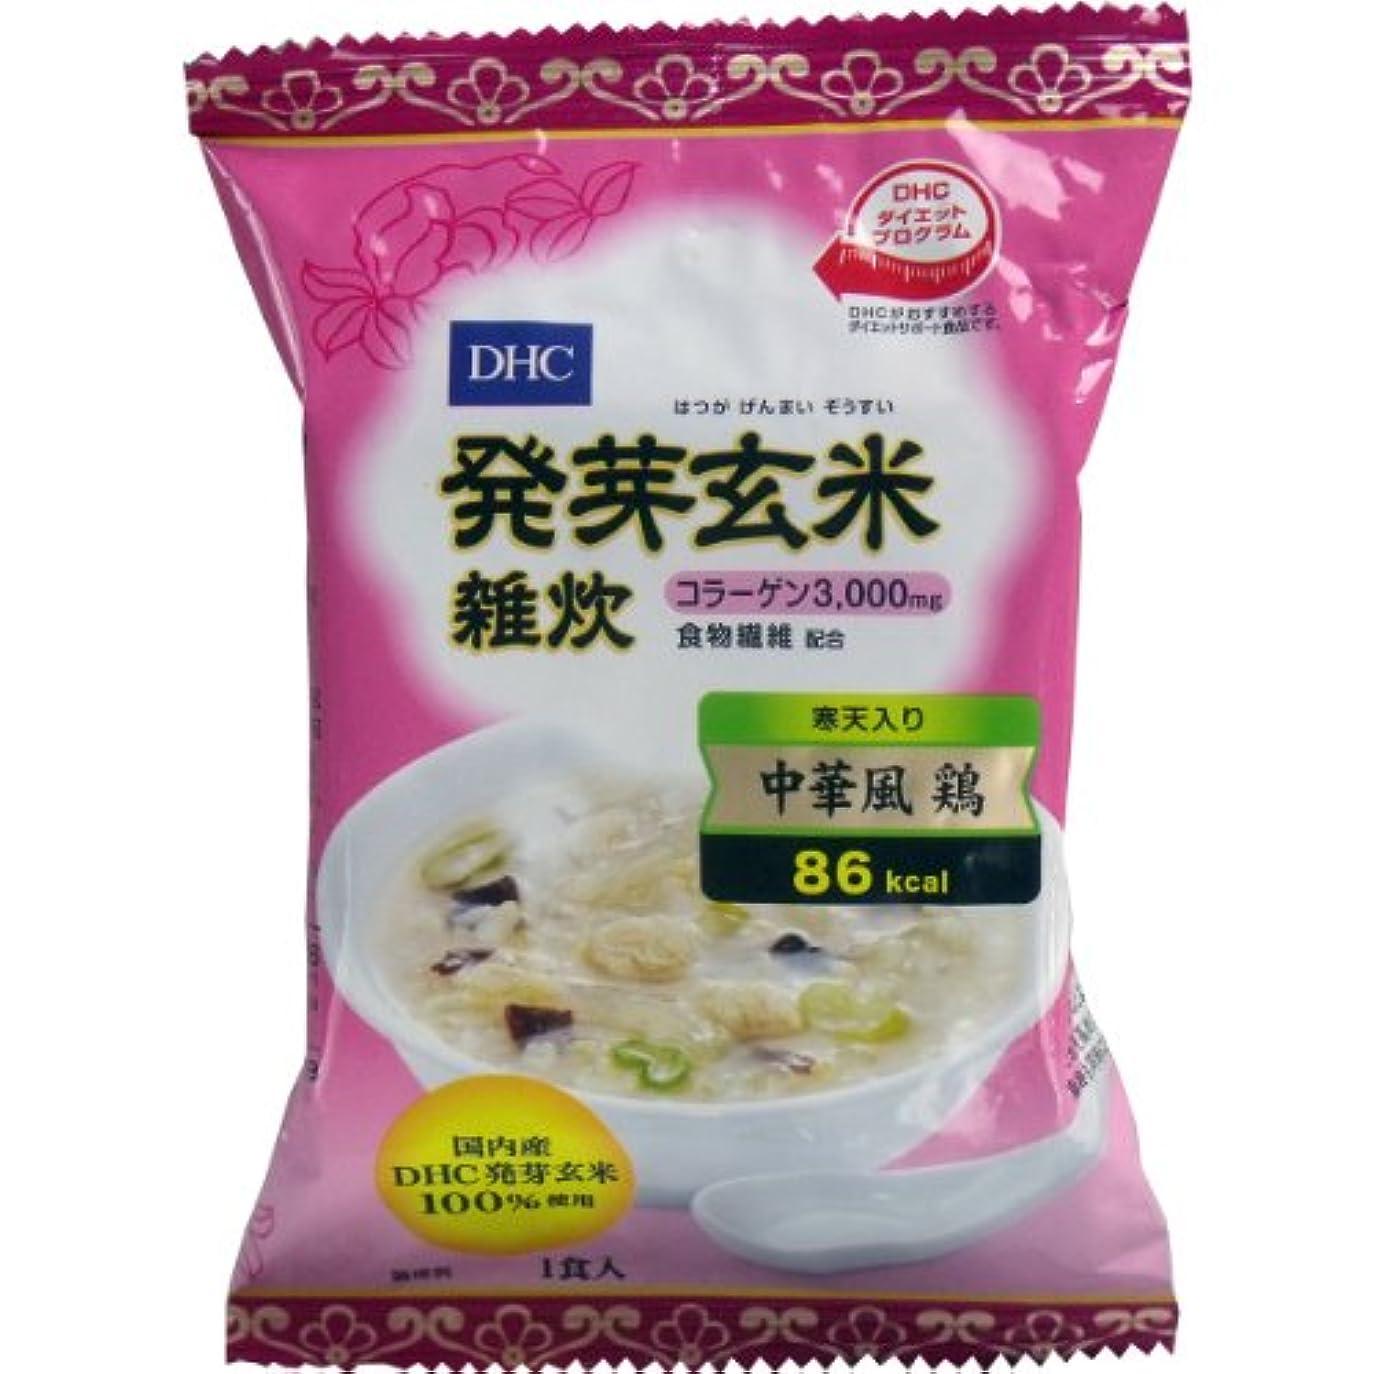 会員ヘルパー憂鬱DHC 発芽玄米雑炊〈コラーゲン?寒天入〉 中華風鶏 1食入